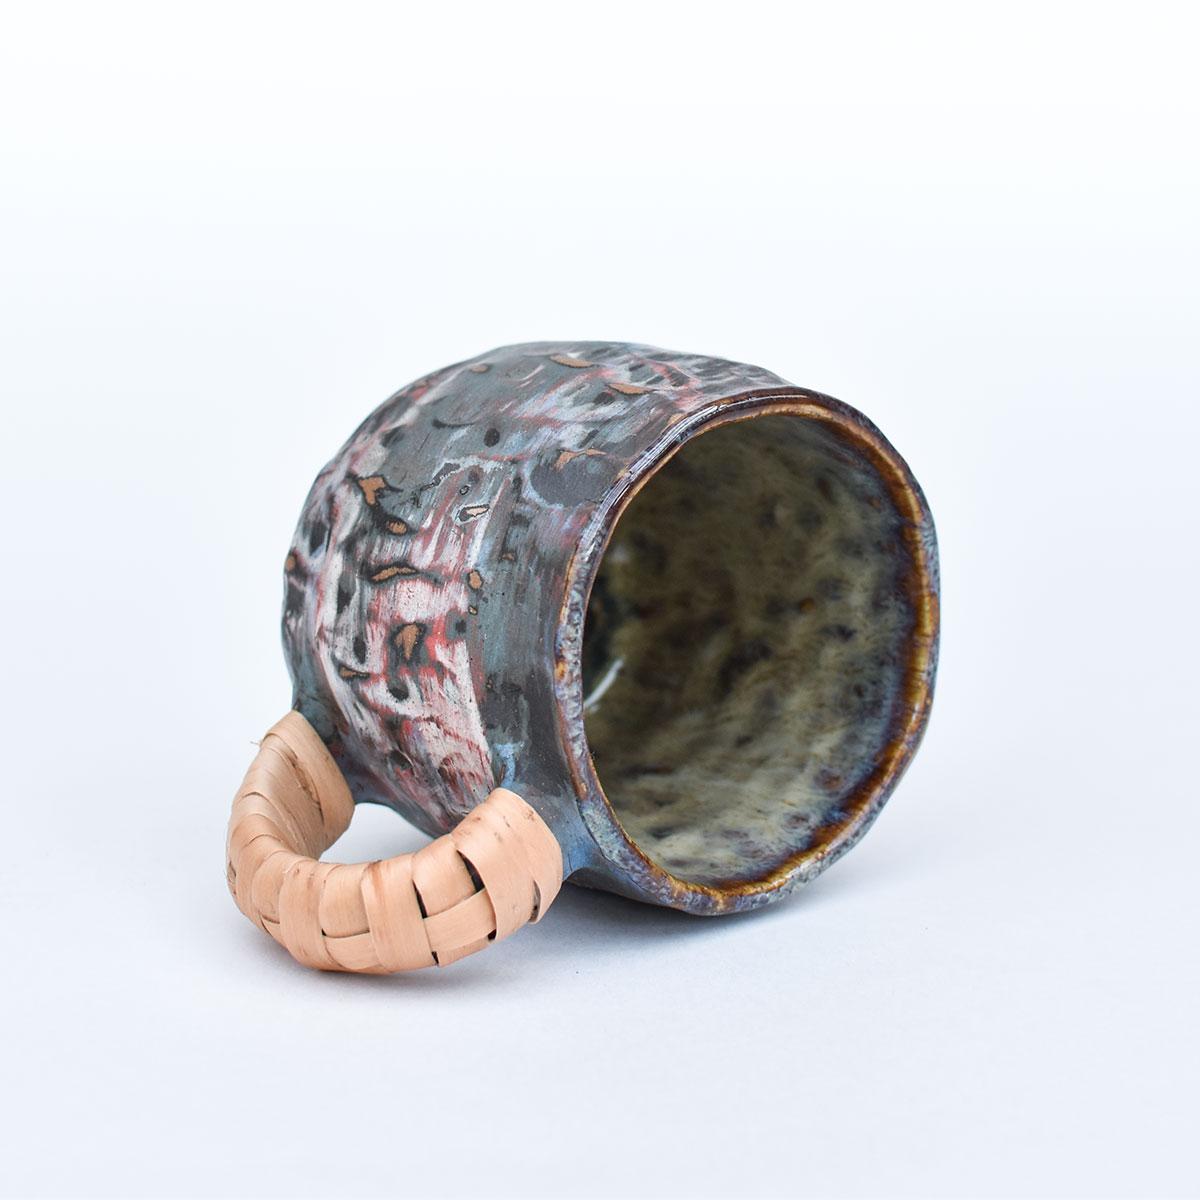 картинка Лепная кружка с оплетенной ручкой 09 - DishWishes.Ru